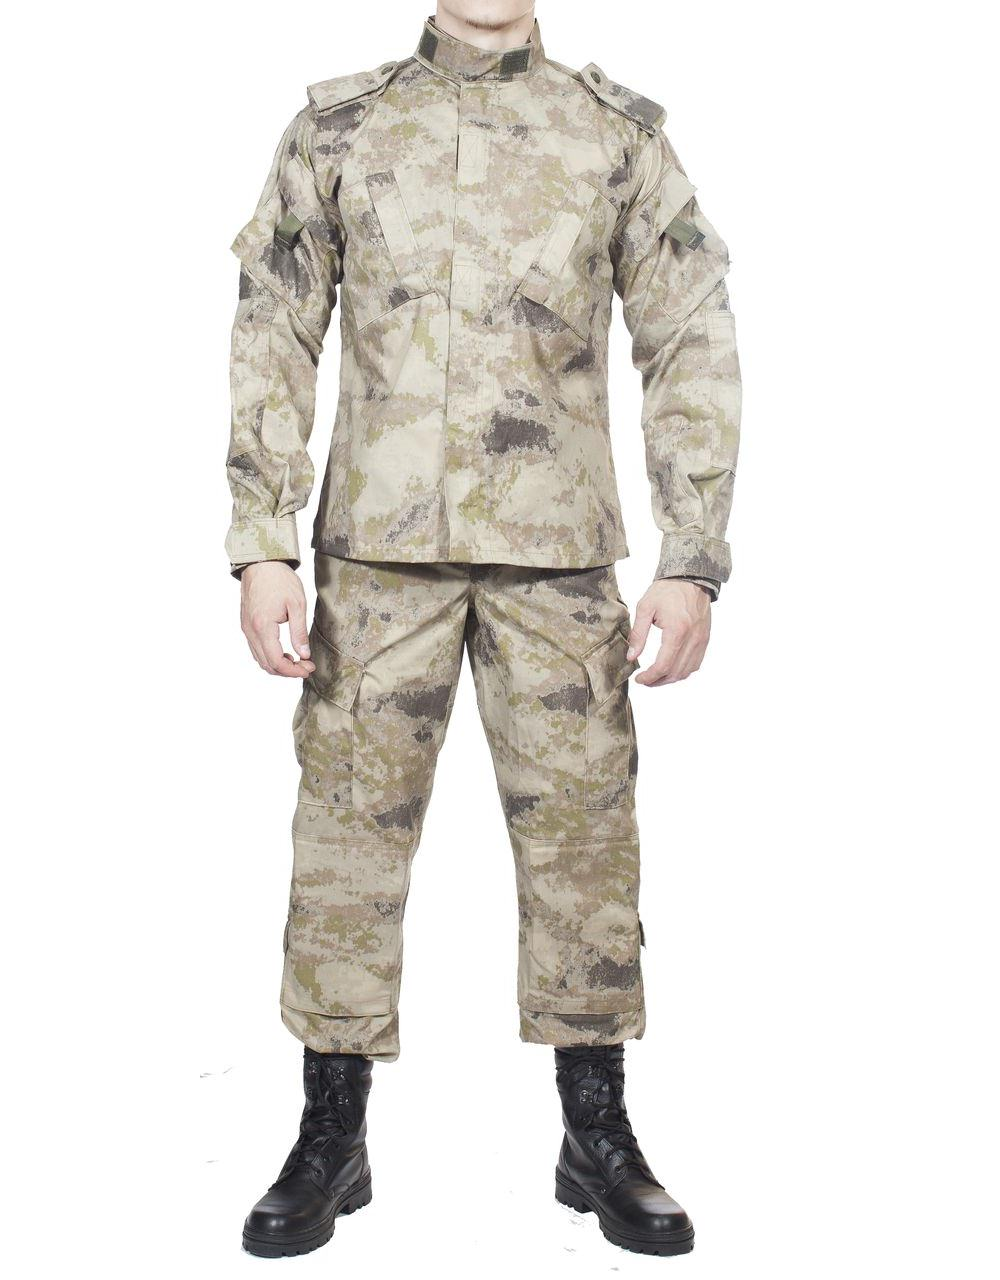 Костюм летний МПА-04 (НАТО-1) КМФ (мираж, песок), Костюмы неутепленные<br>Костюм состоит из куртки и брюк. В зоне <br>локтей и коленей имеются карманы для размещения <br>протекторов. Особенностями летнего тактического <br>костюма являются: максимальный комфорт, <br>свобода движений и повышенная износостойкость. <br>ХАРАКТЕРИСТИКИ ДЛЯ ИНТЕНСИВНЫХ НАГРУЗОК <br>ИДЕАЛЬНАЯ МАСКИРОВКА ДЛЯ АКТИВНОГО ОТДЫХА <br>МАТЕРИАЛЫ 65% П/Э, 35% Х/Б<br><br>Пол: мужской<br>Размер: 50<br>Рост: 182<br>Сезон: лето<br>Цвет: песок (фотокамуфляж)<br>Материал: текстиль